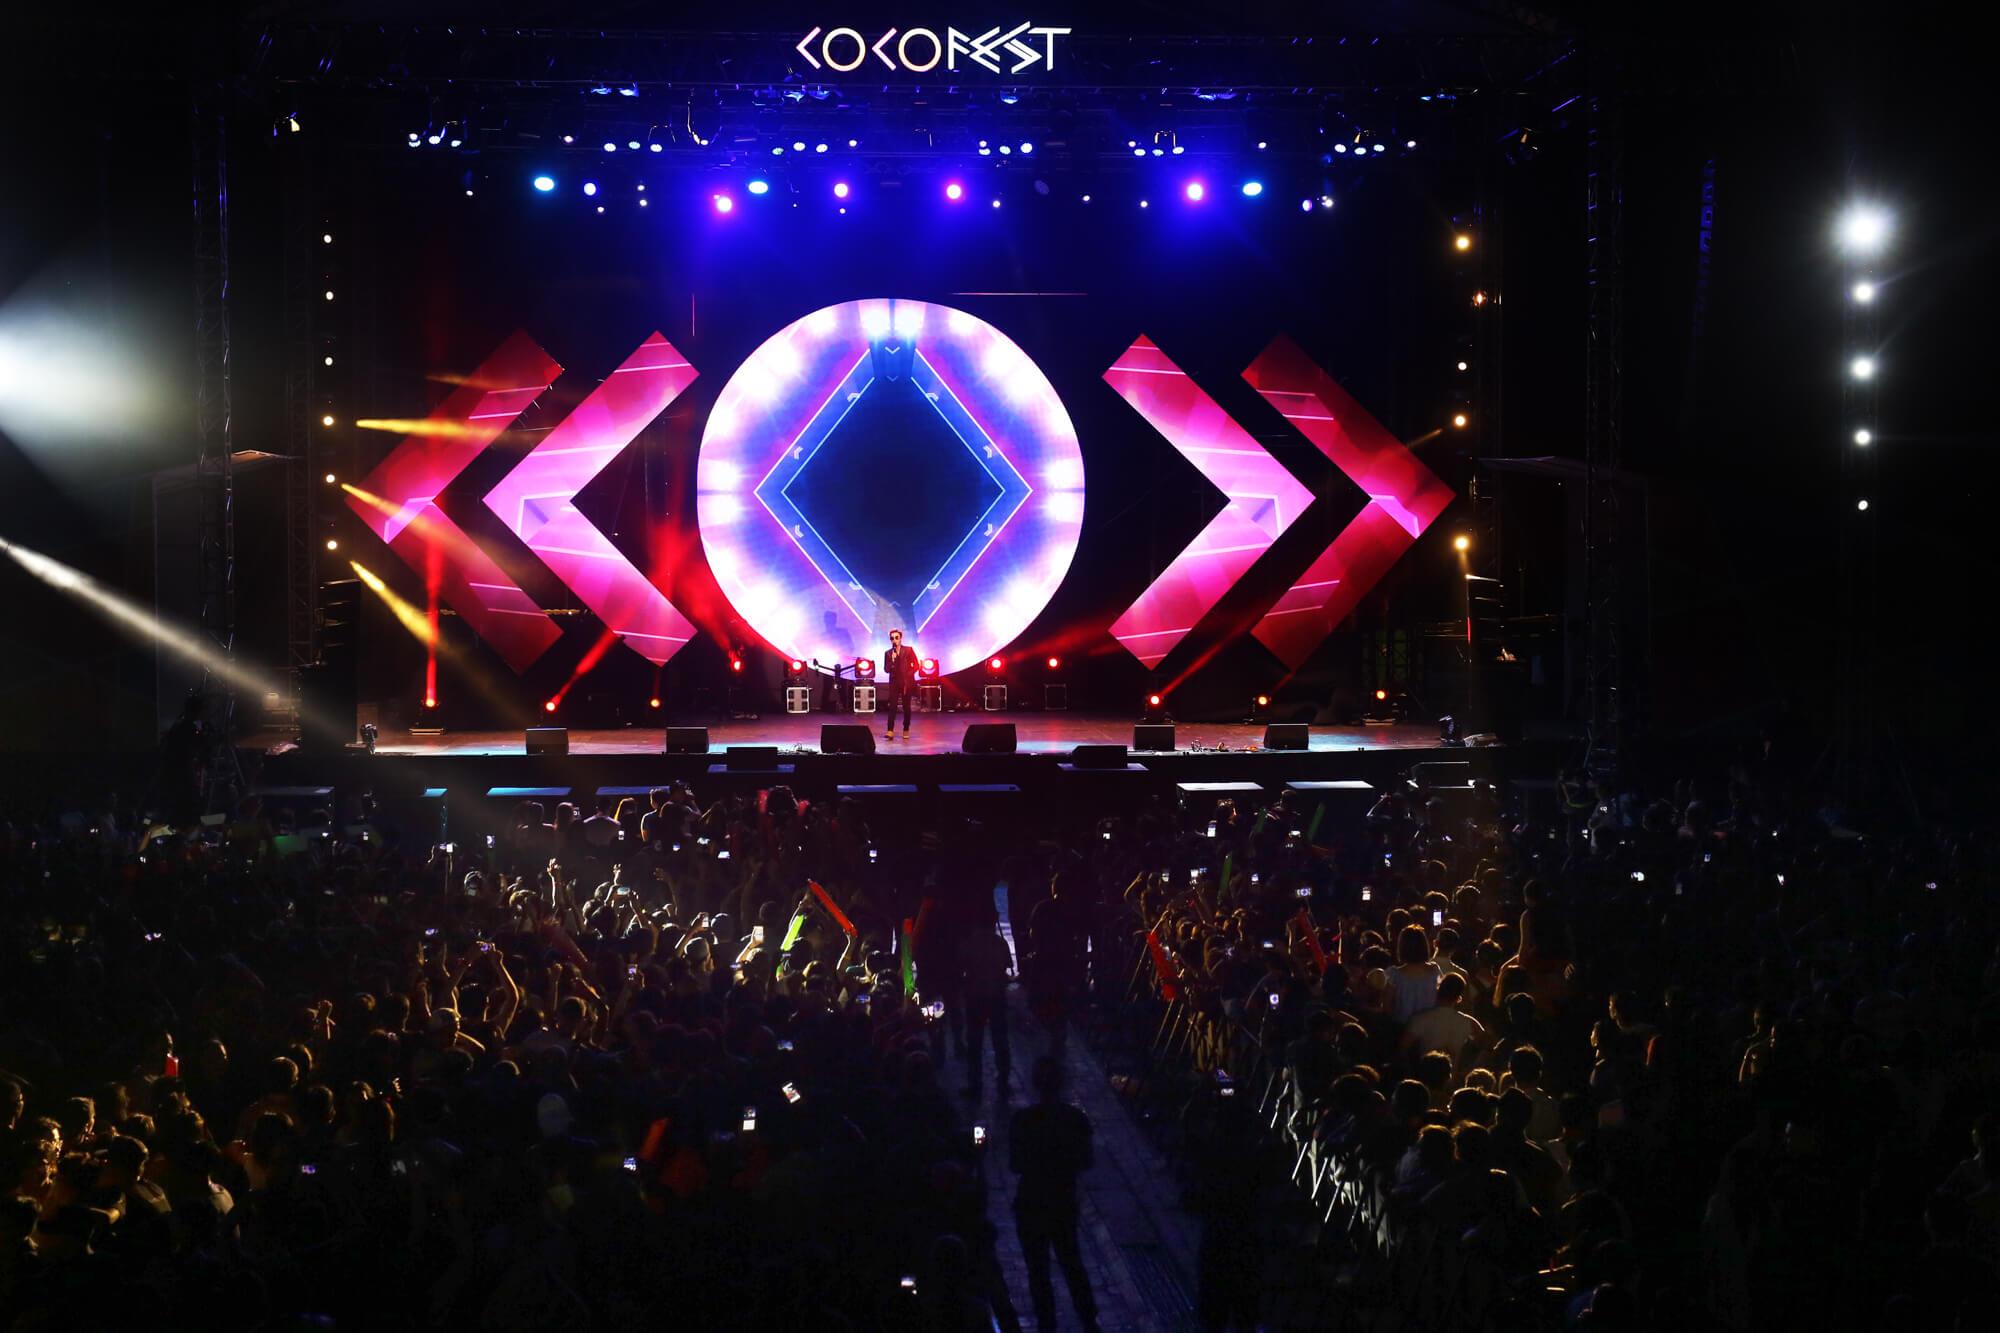 Lễ hội âm nhạc, ánh sáng được tổ chức thường niên tại đây